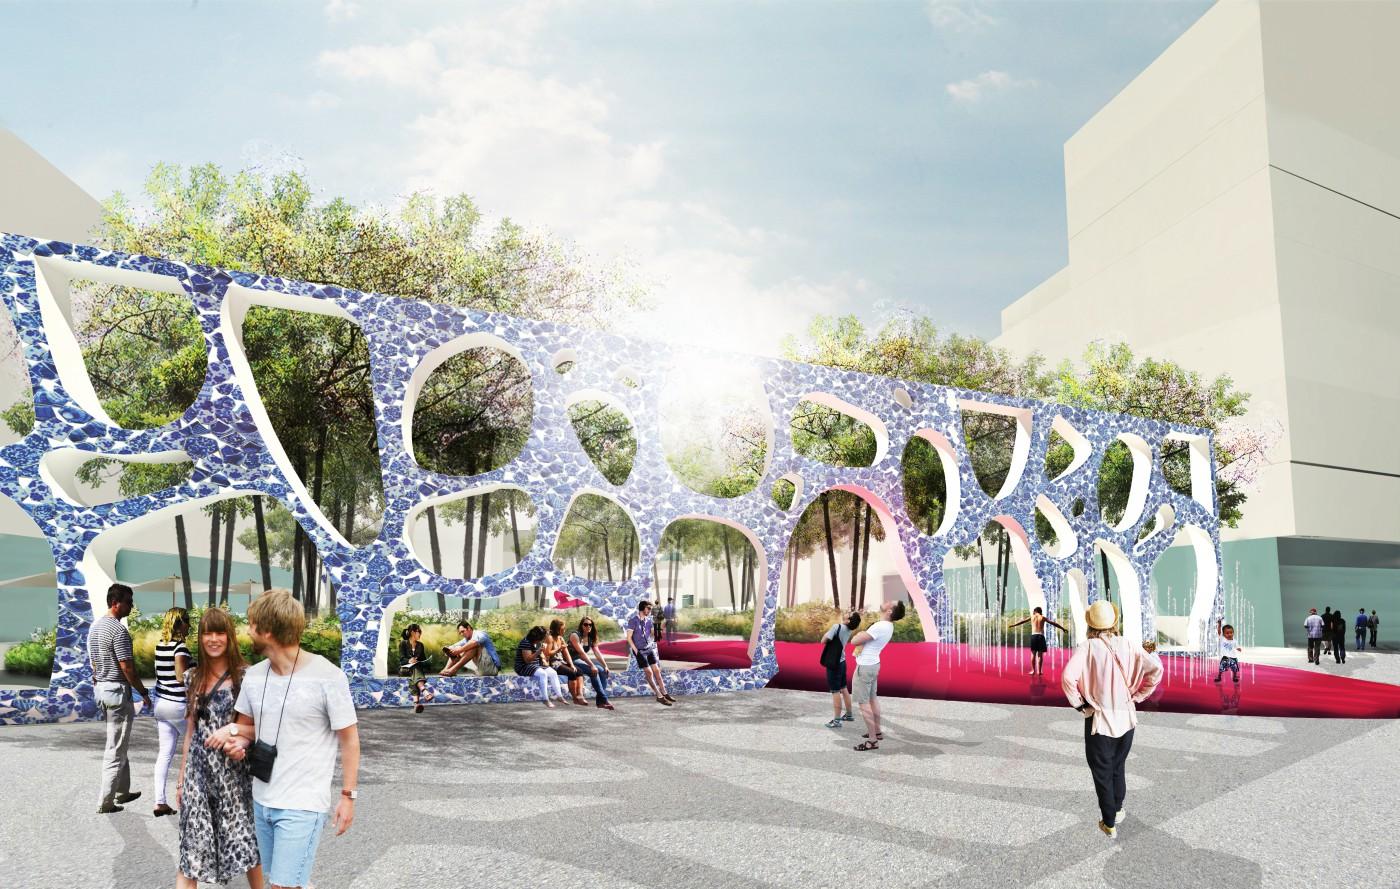 buro-sant-en-co-landschapsarchitectuur-van leeuwenhoekpark-delft-stadspark-dakpark-klimaatadaptief-ecologie-stationsplein-pergola-ontwerp